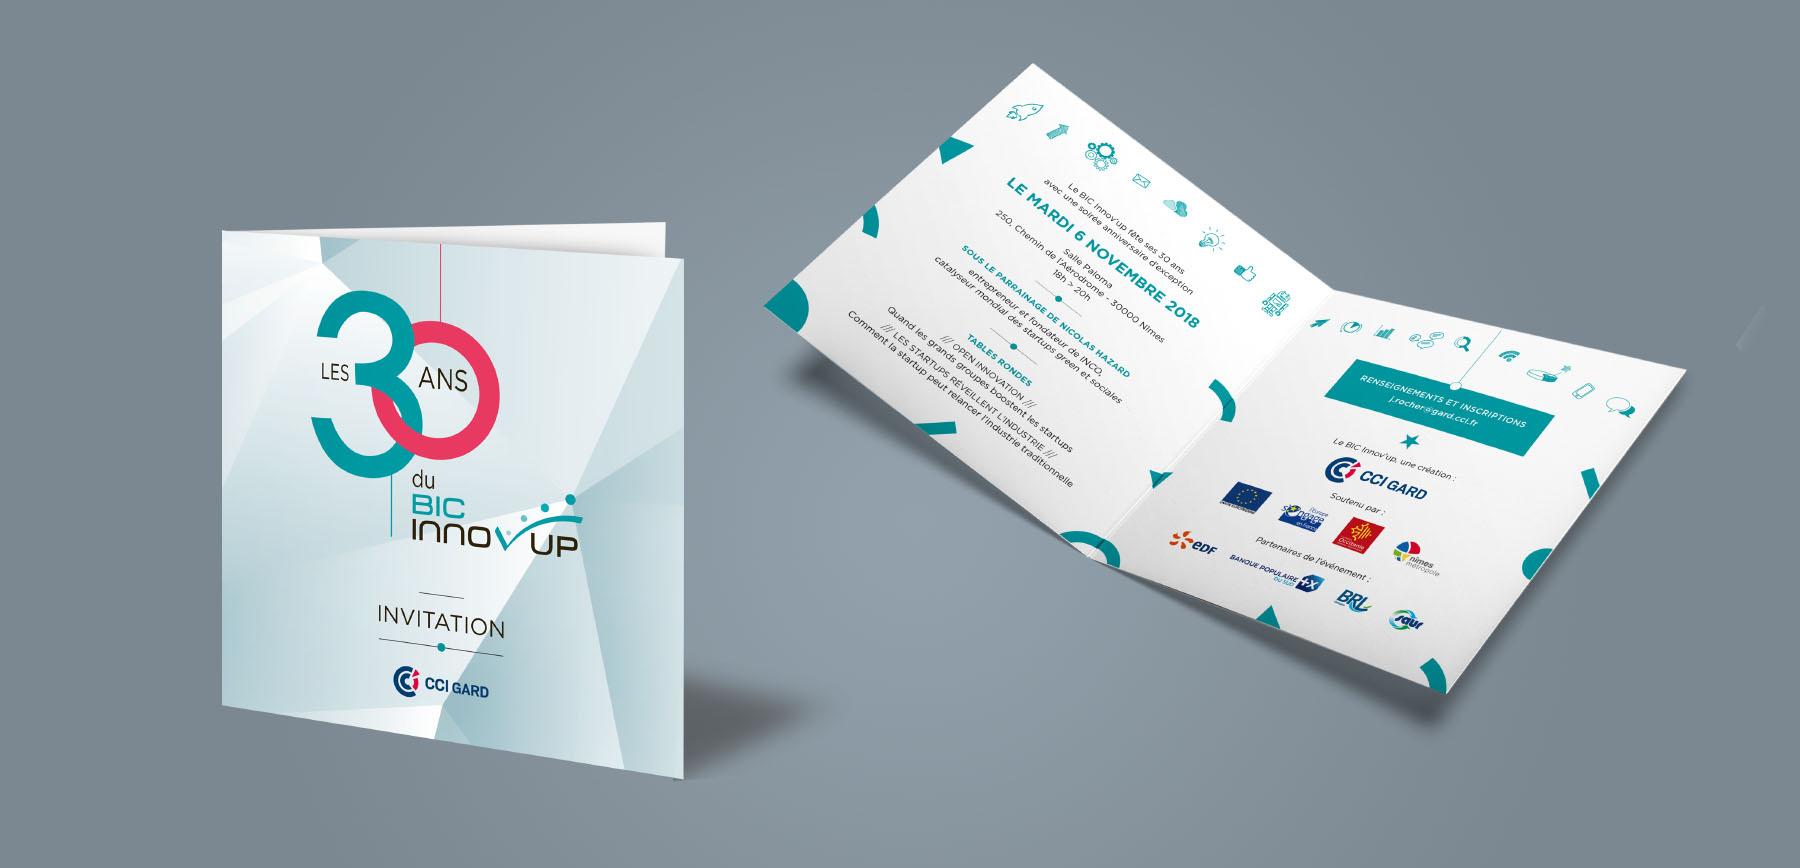 Carton d'invitation des 30 ans du Bic Innov'up